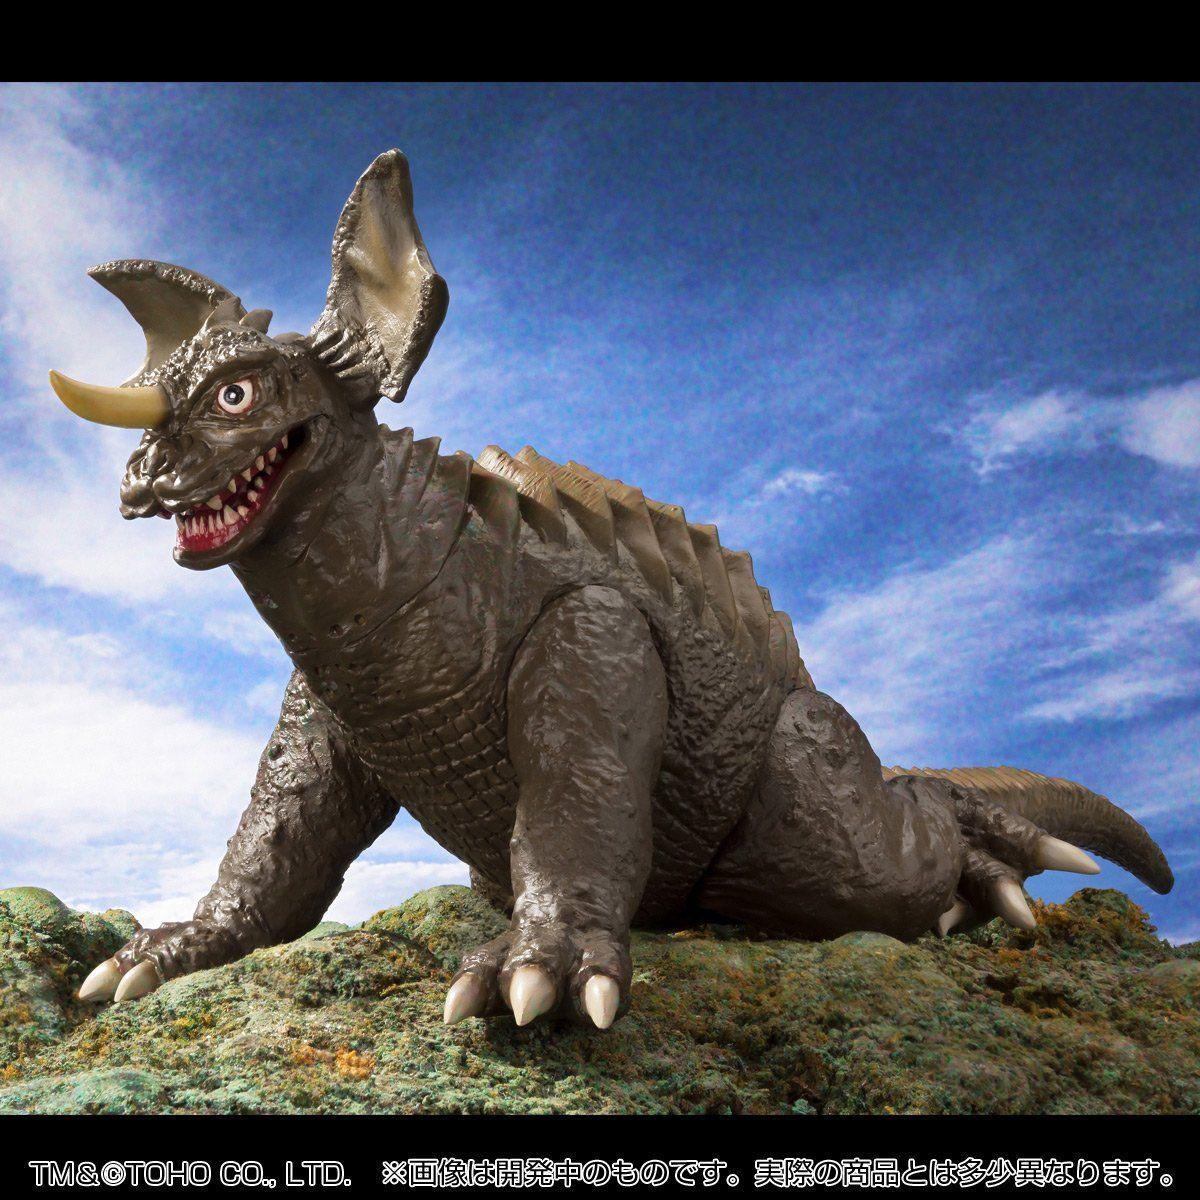 怪獣番外地『地底怪獣バラゴン』ソフビ フィギュア-004